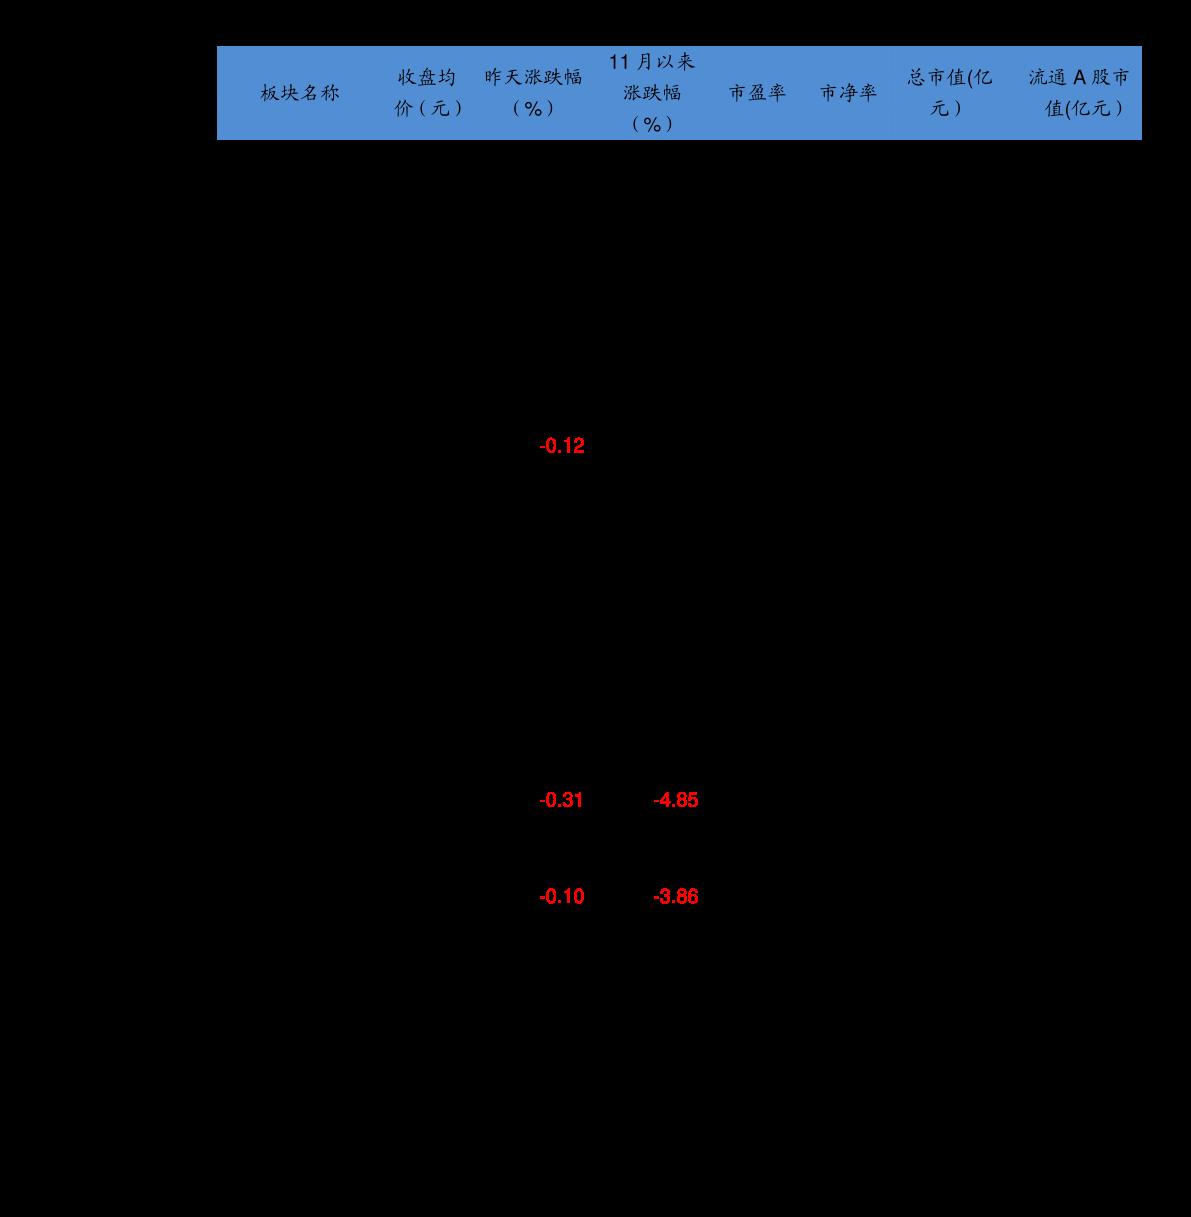 中信雷火竞猜app-(股指)数据周报:股指雷火竞猜app相关数据跟踪,贴水收窄-201120